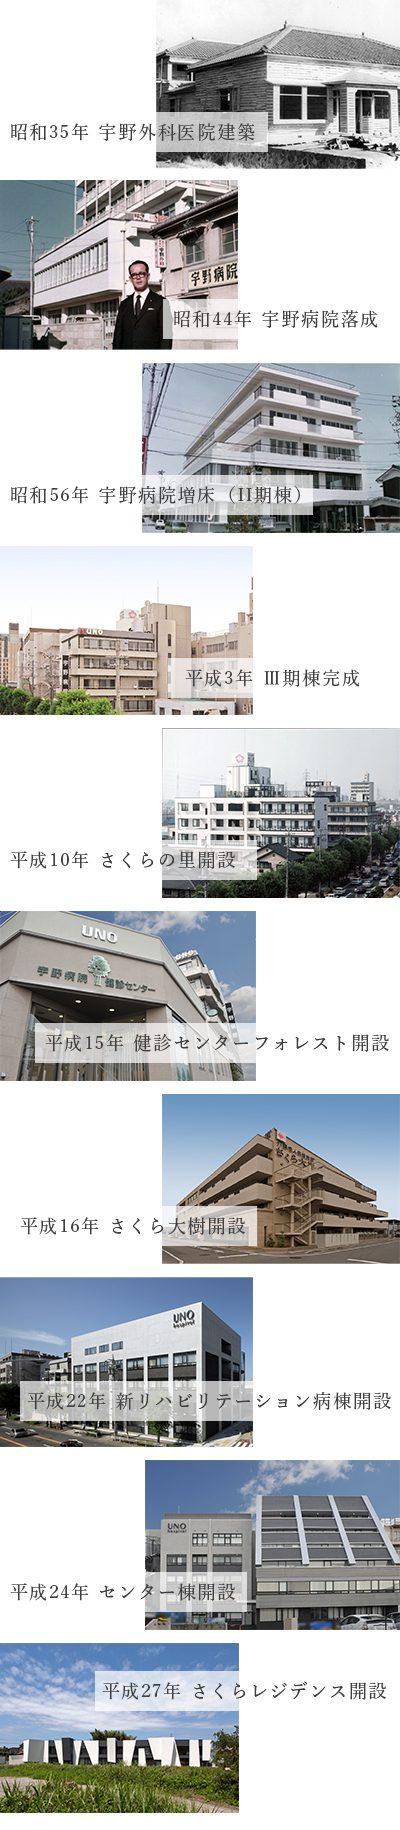 昭和35年宇野外科医院建築